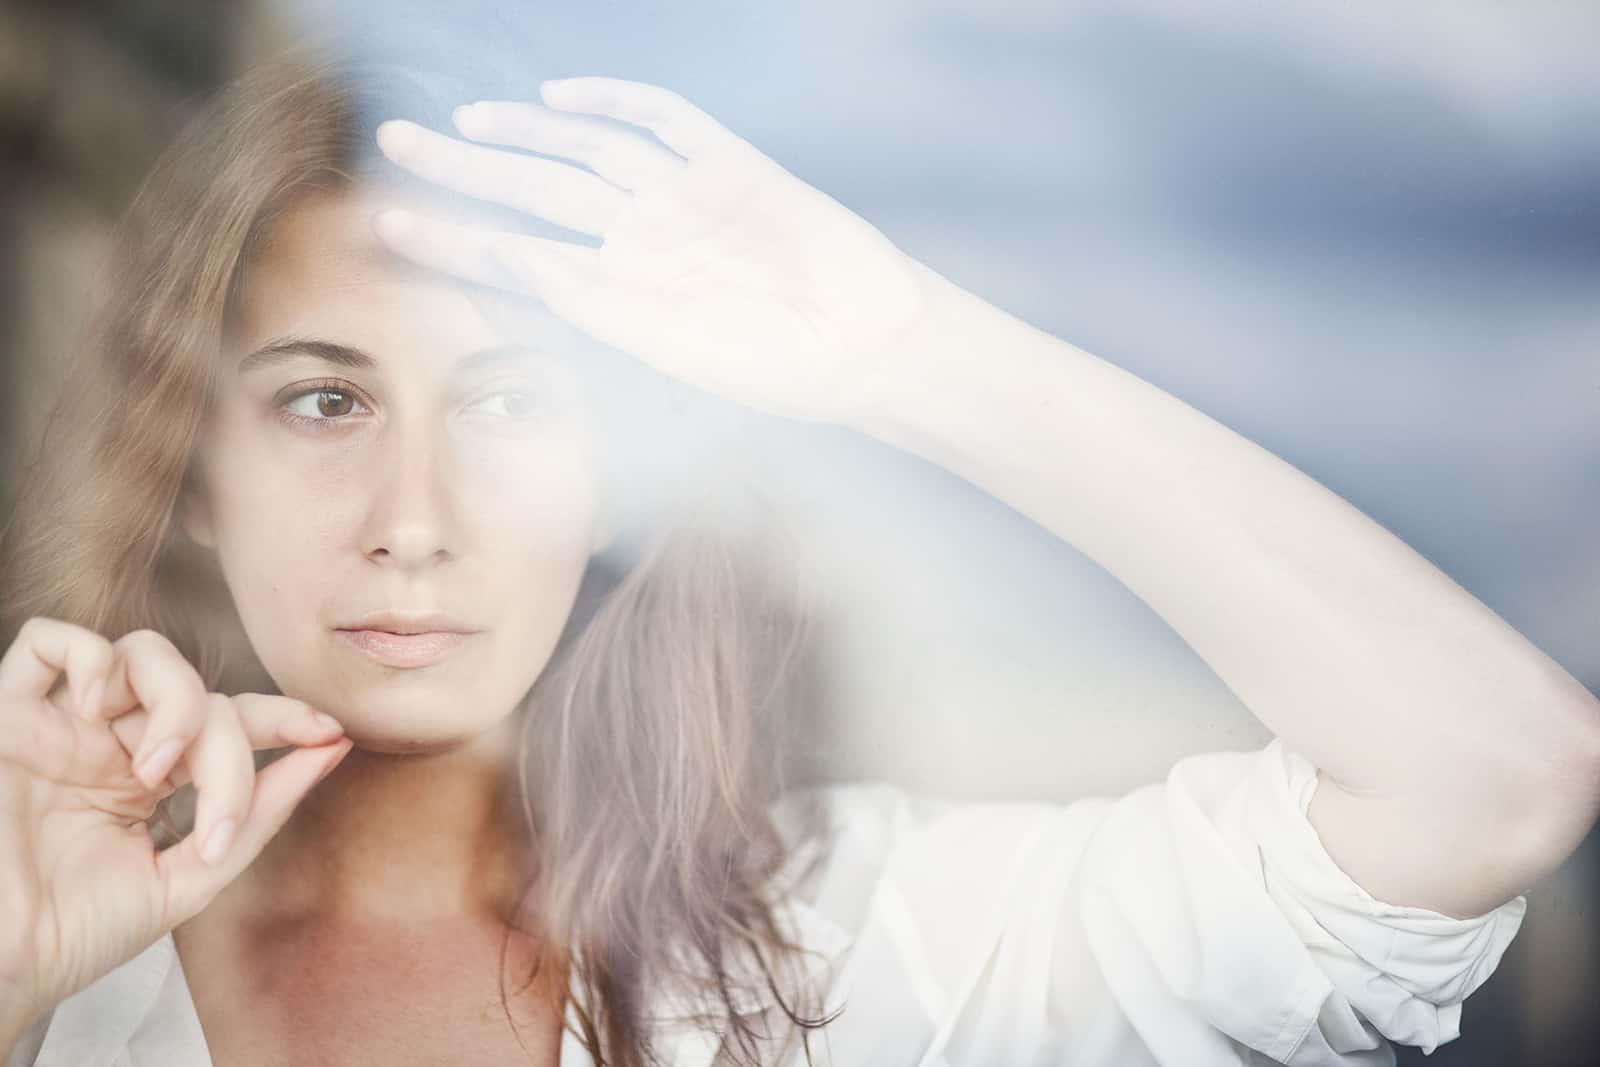 eine Frau mit braunen Haaren, die beim Nachdenken die Hände an das Fenster lehnt